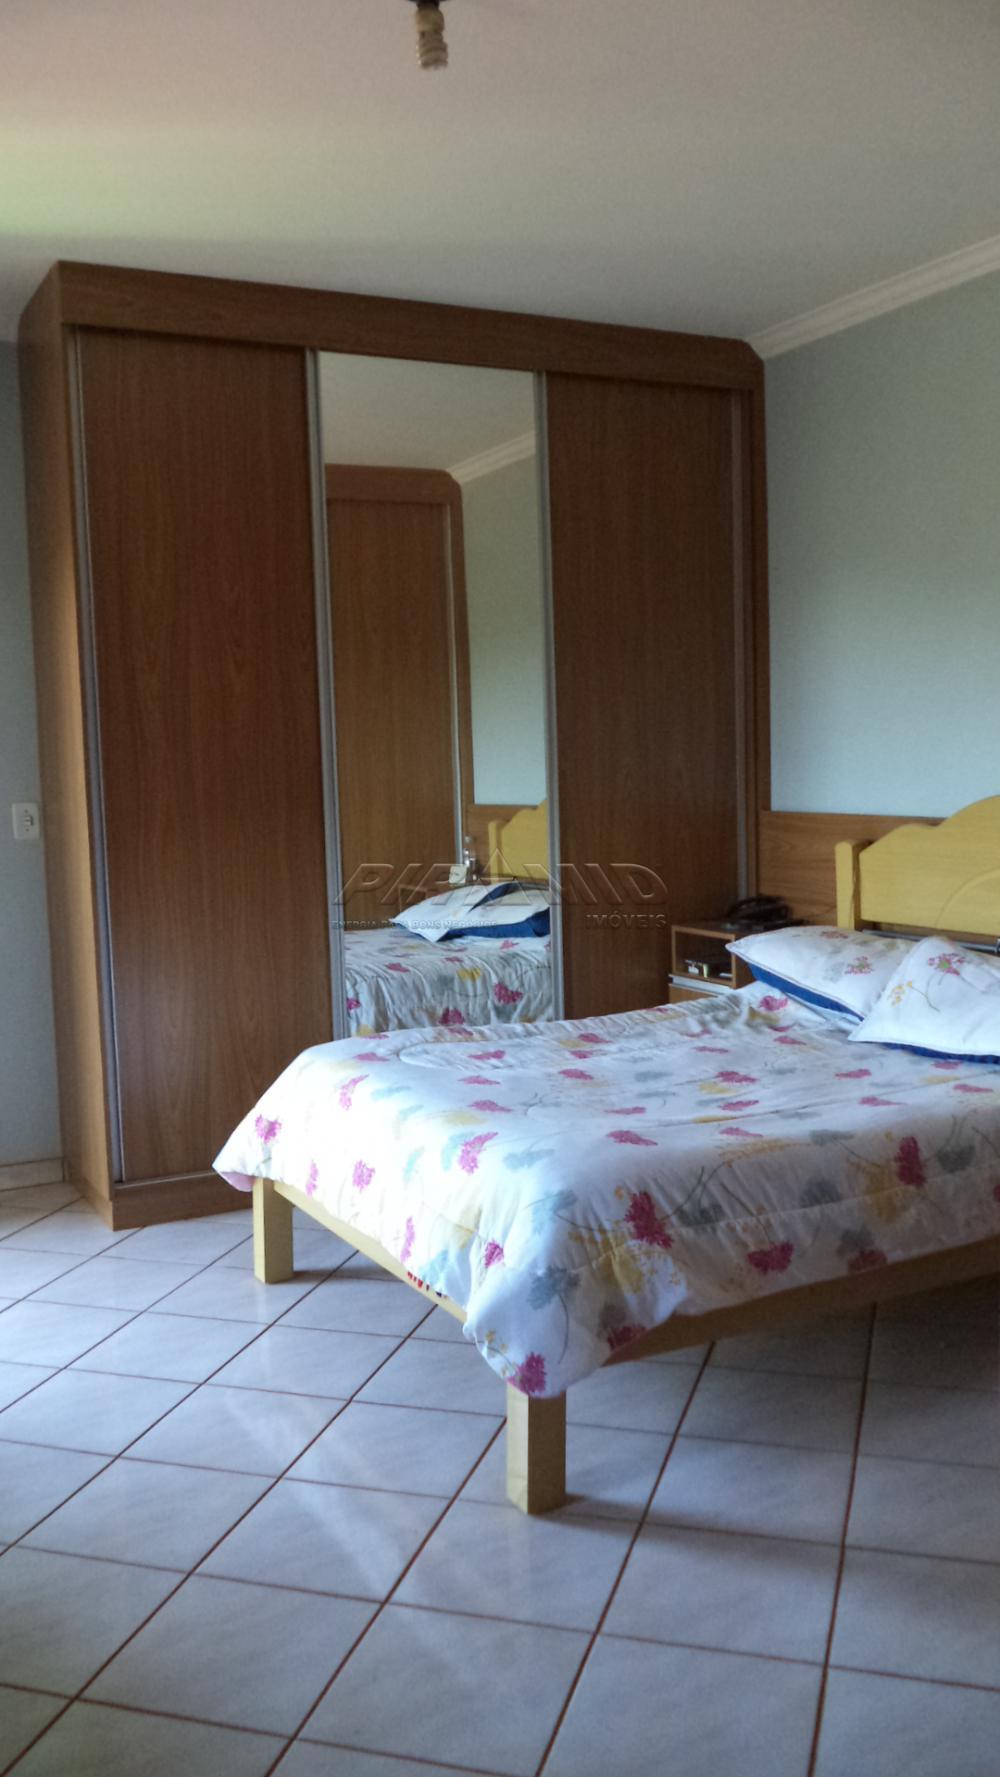 Alugar Casa / Padrão em Ribeirão Preto apenas R$ 2.500,00 - Foto 4